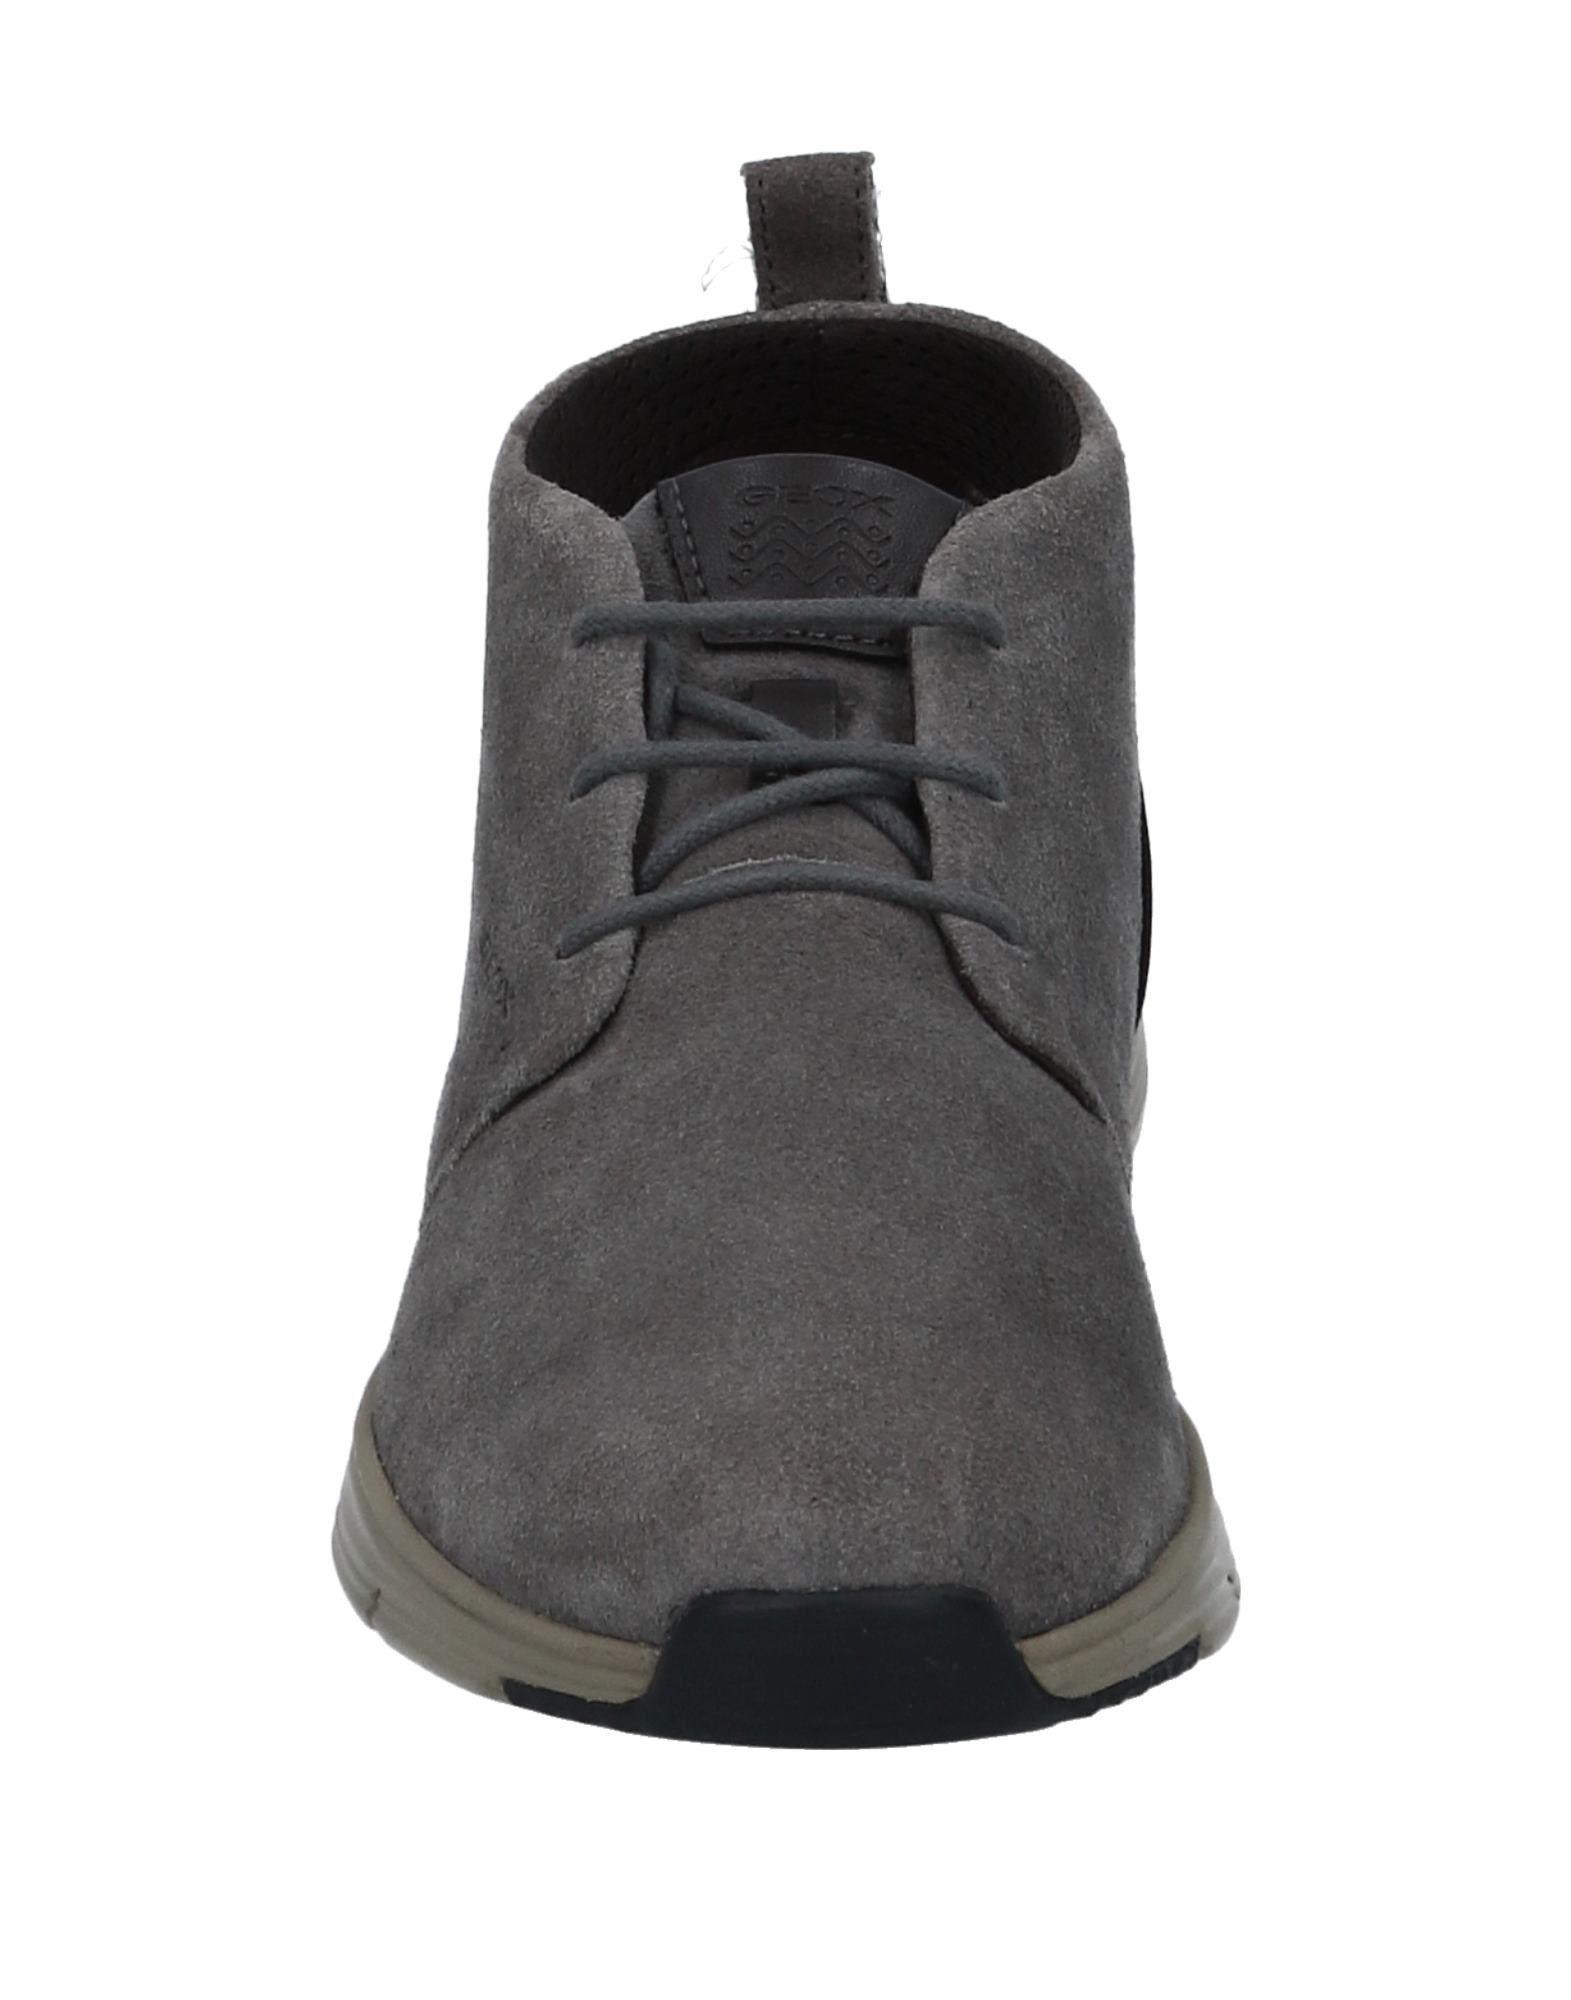 Rabatt Geox echte Schuhe Geox Rabatt Stiefelette Herren  11539451OO 54bd81